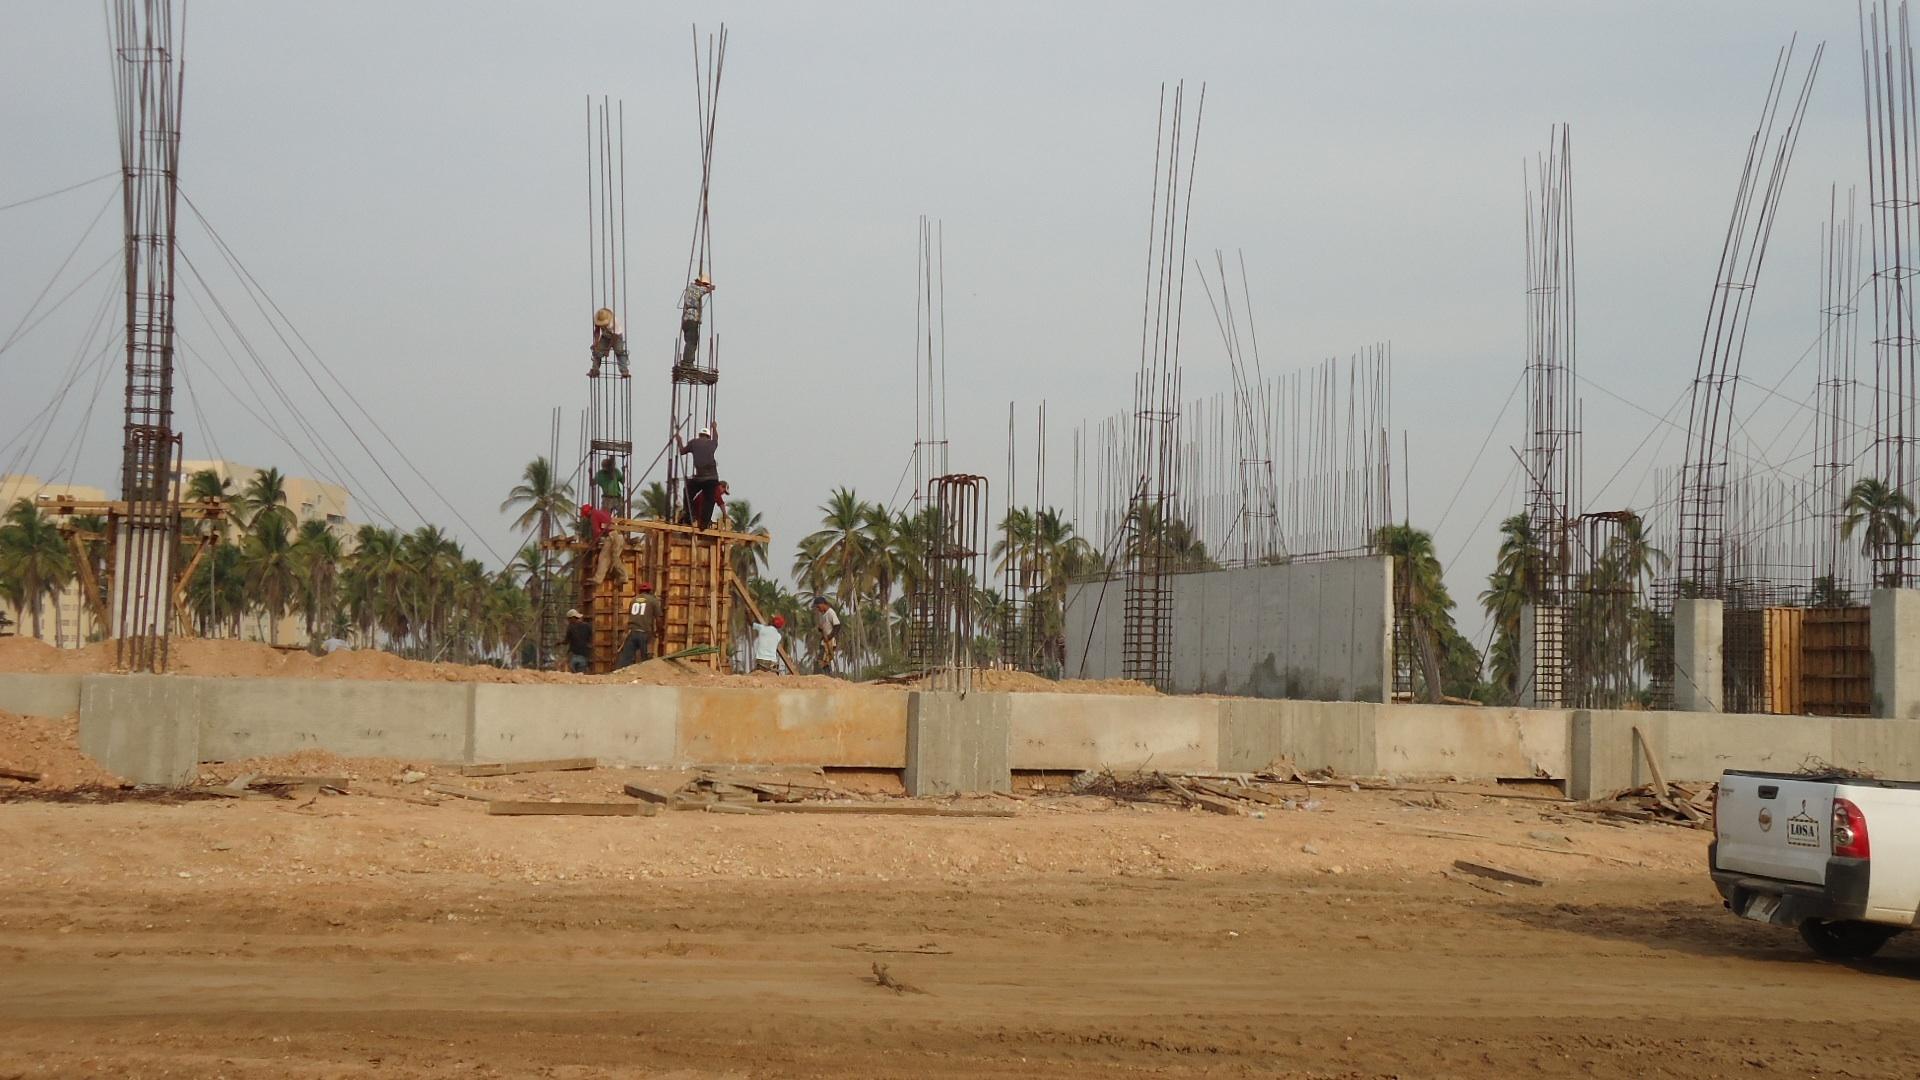 Avances de estadio de acapulco http://t.co/lABv2g7l